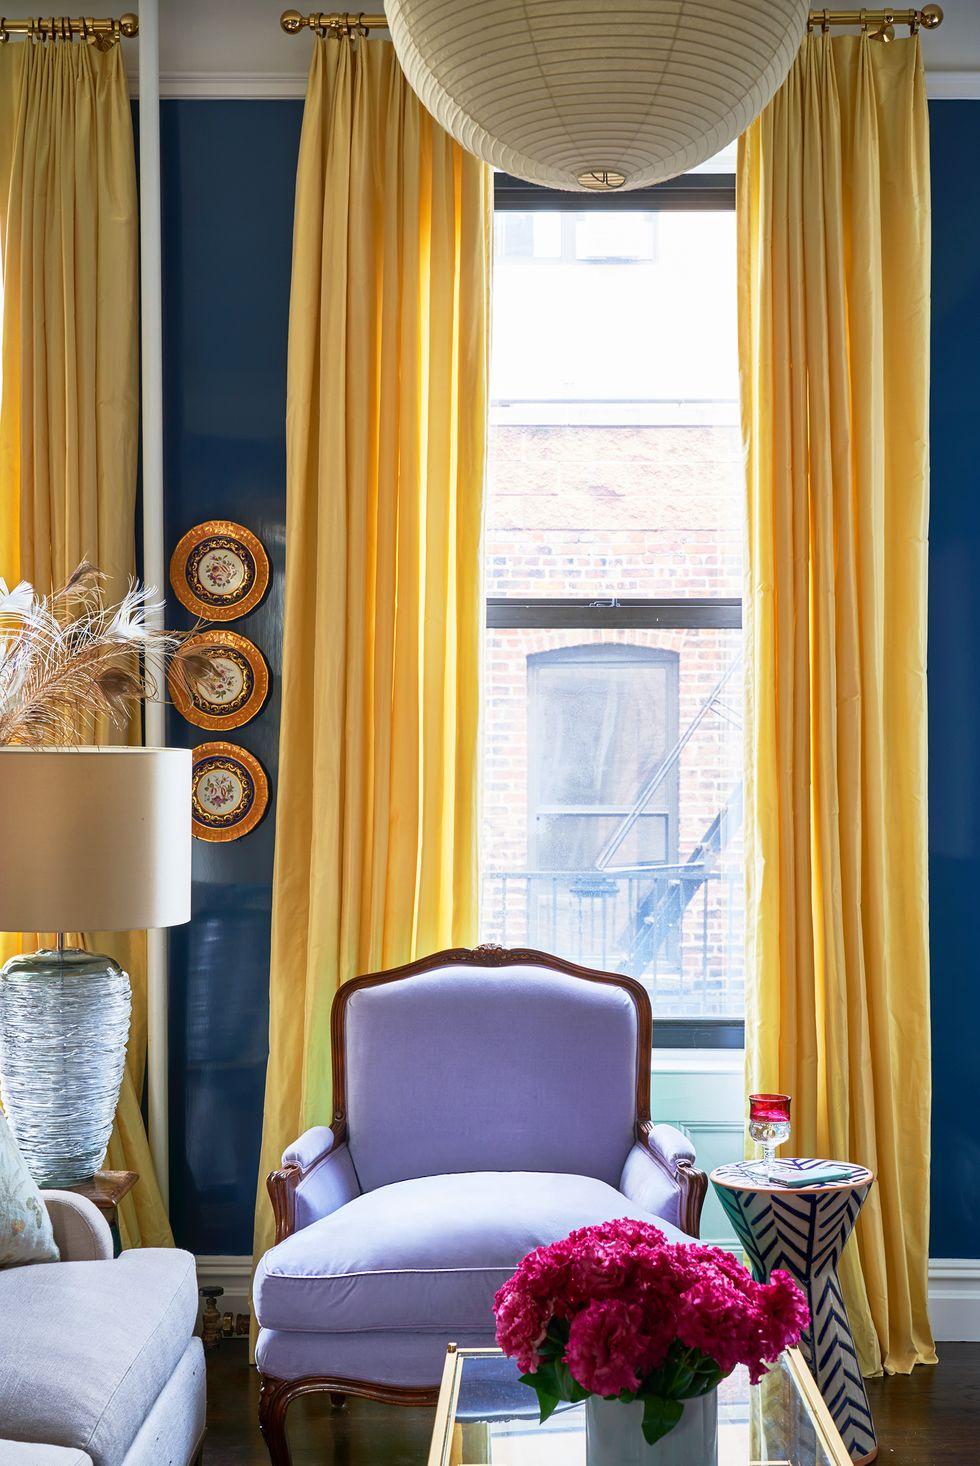 Mách bạn mẹo trang trí cửa sổ sao cho vừa làm nổi bật không gian, vừa tràn ngập ánh sáng cho ngôi nhà bạn - Ảnh 28.